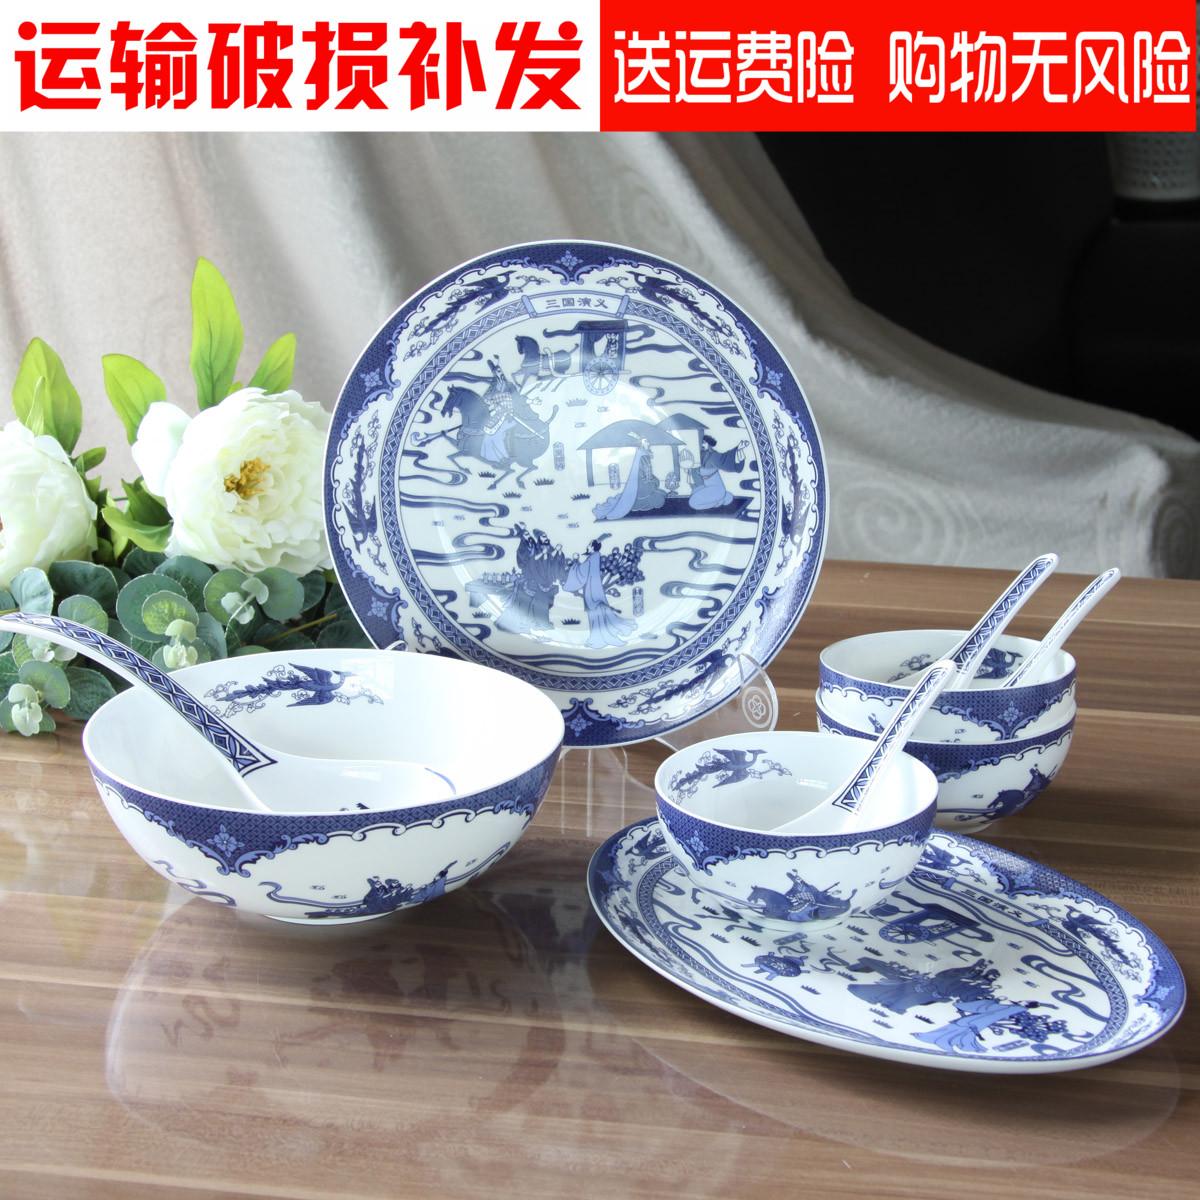 Набор фарфоровой посуды Dyramics 19